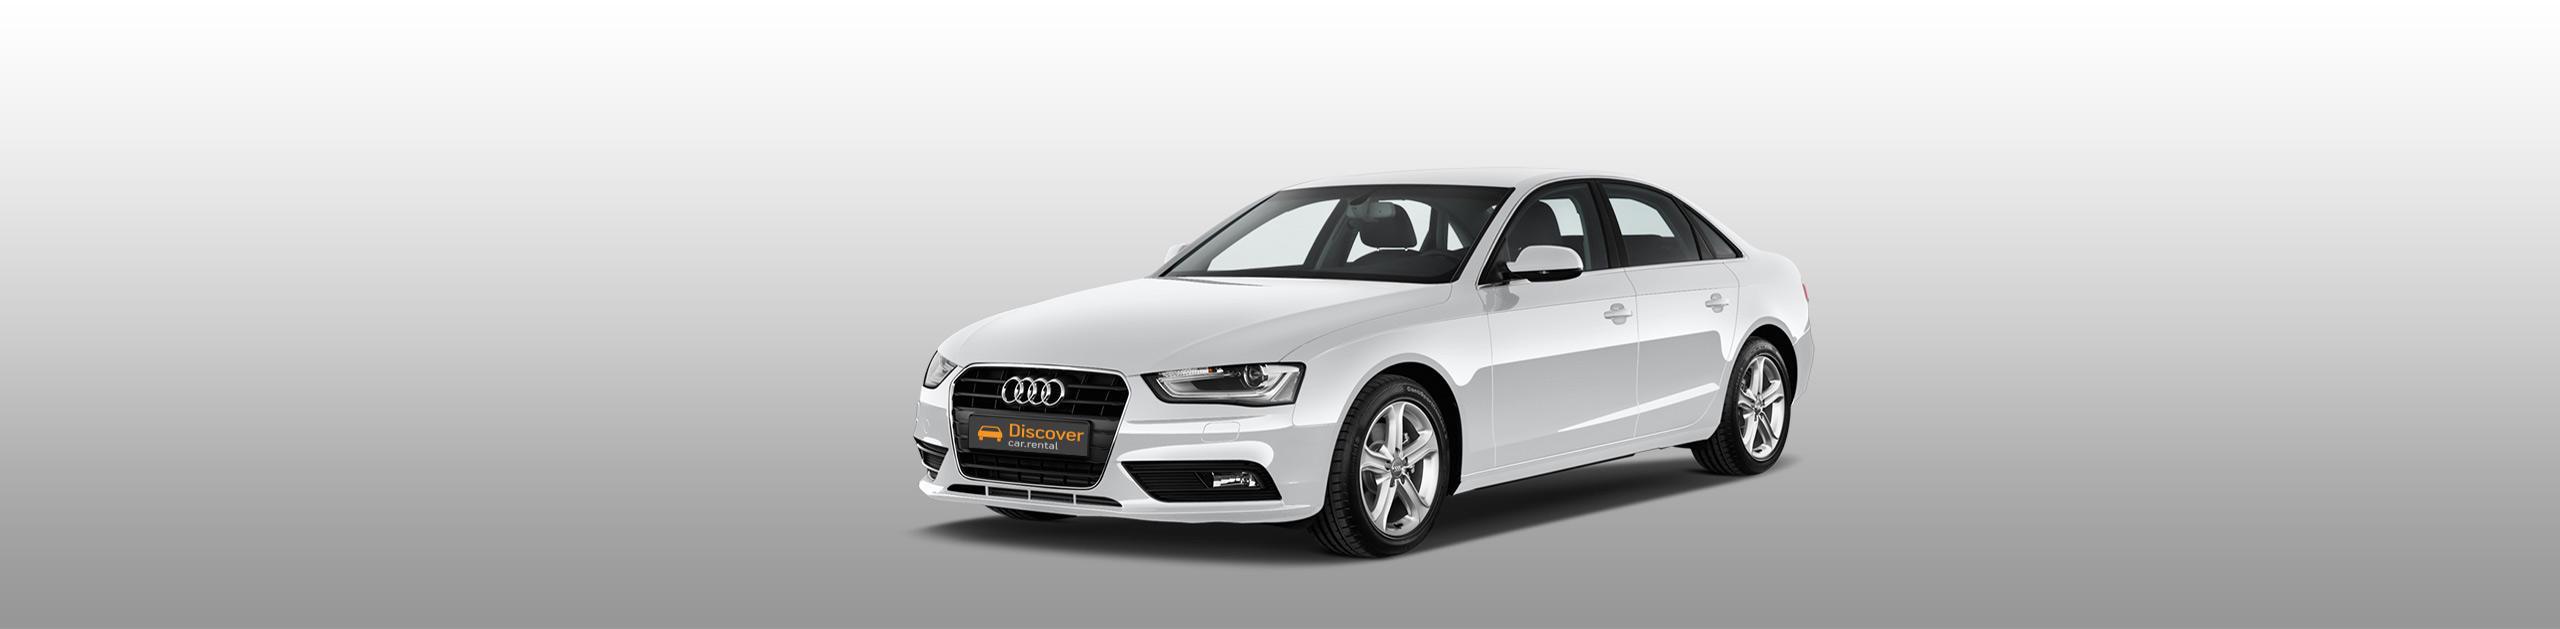 Ενοικιάση αυτοκινήτου Audi A4 TFSI